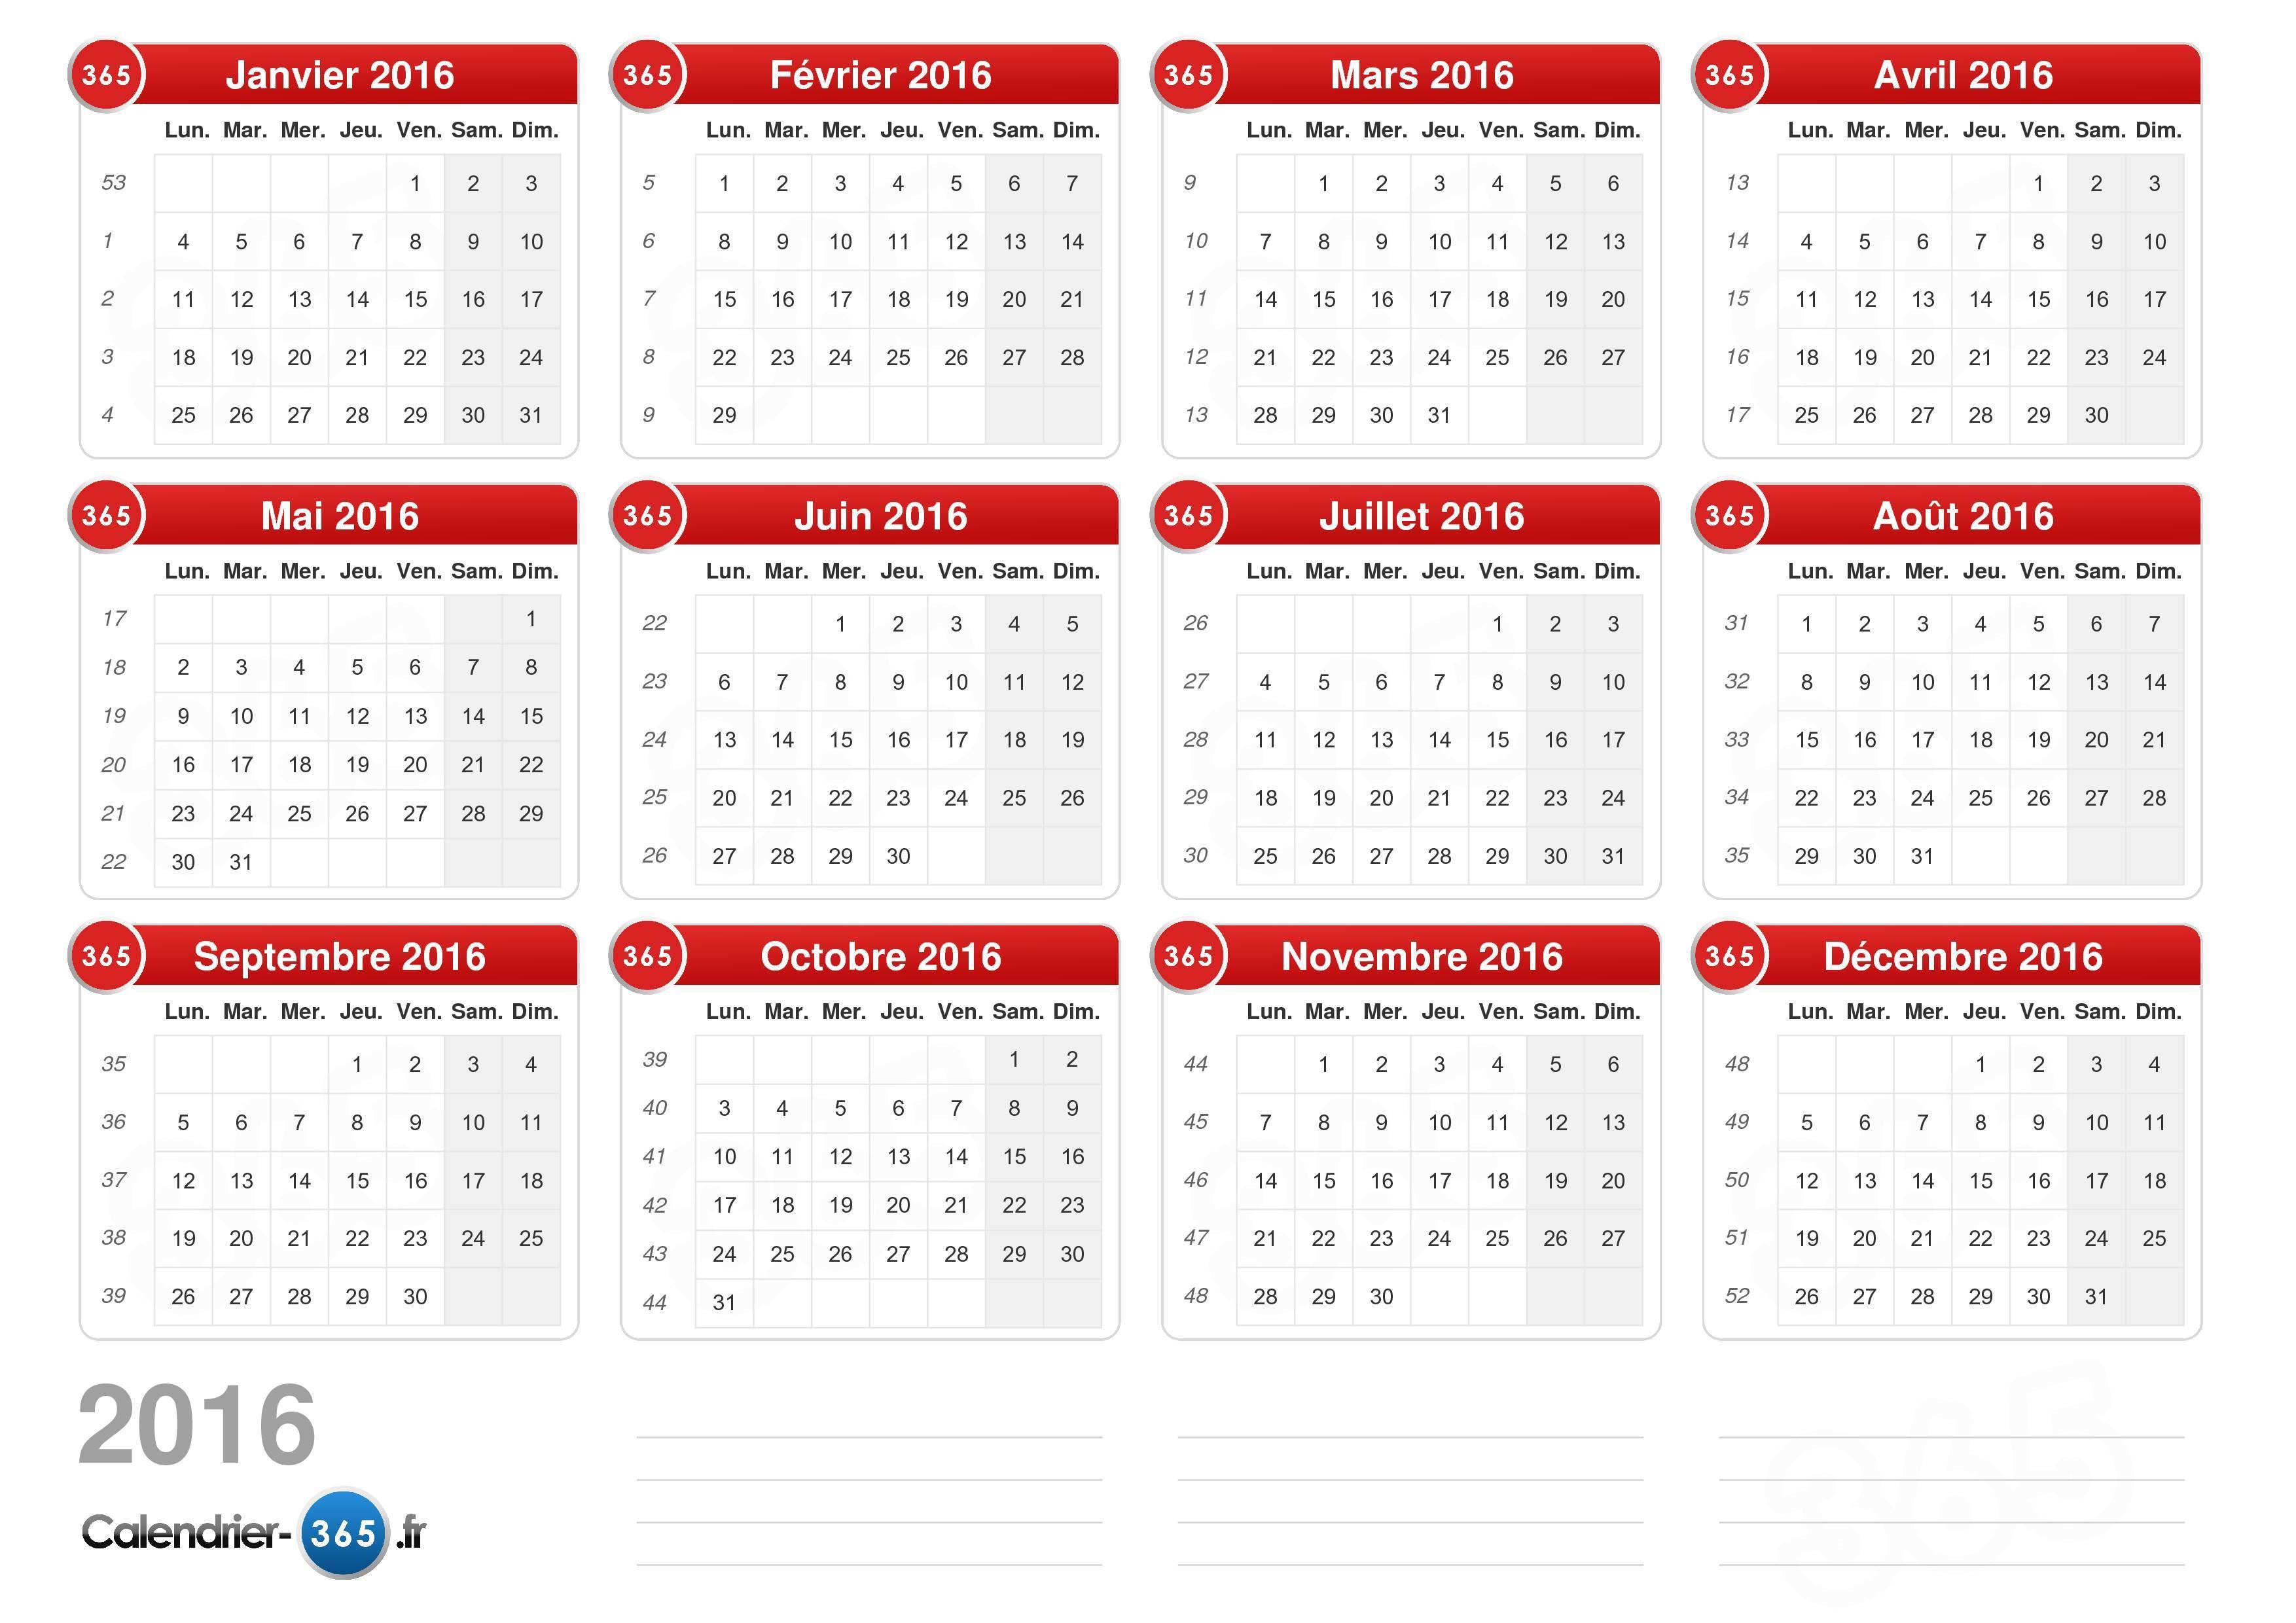 ... calendrier 2016 sans jours fériés format paysage 1 page calendrier